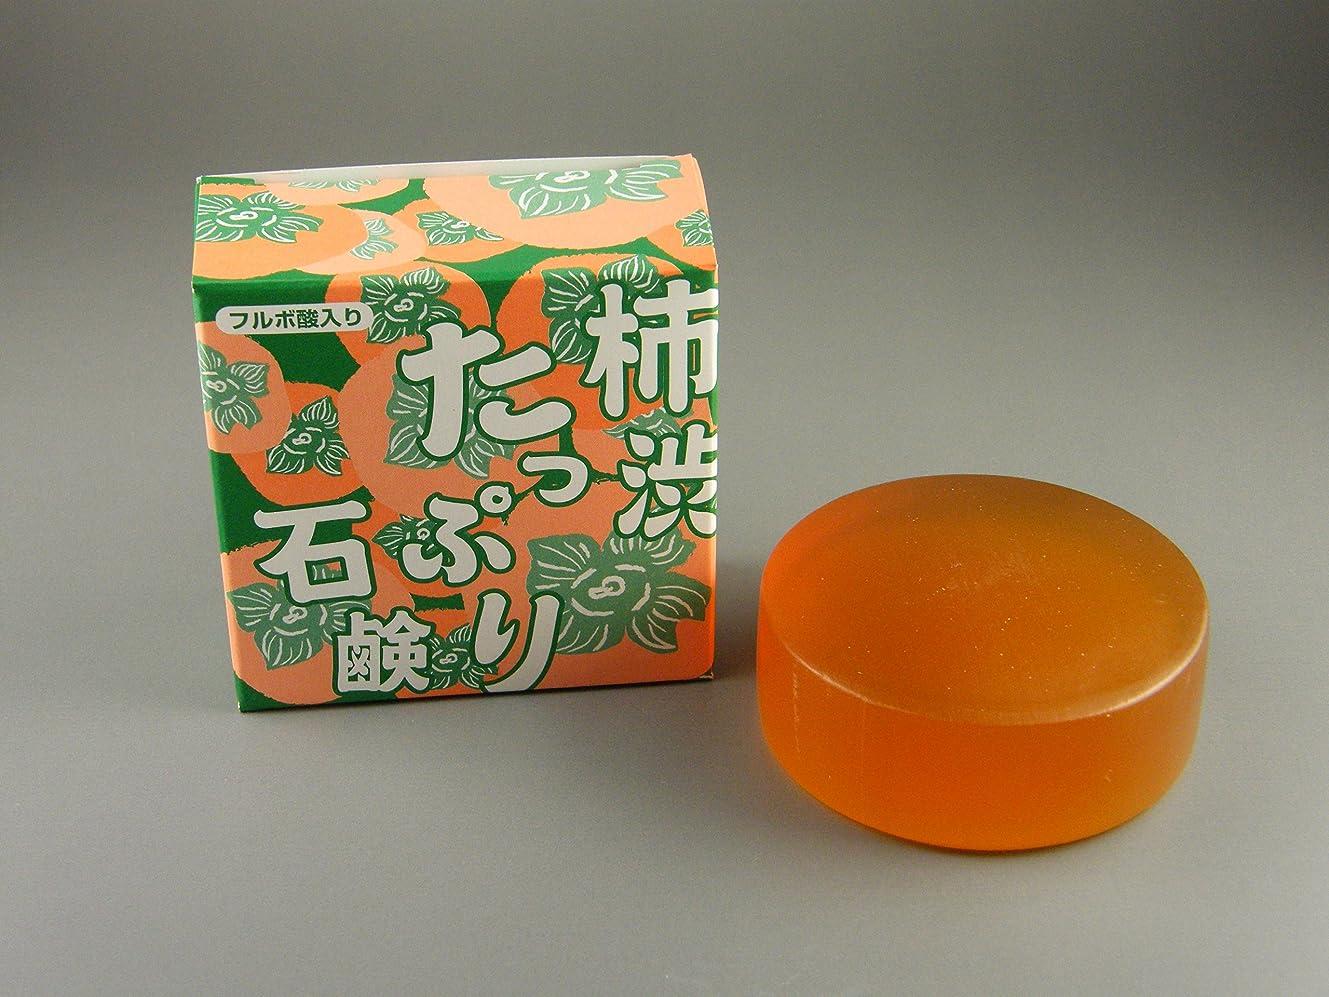 入射献身肘柿渋たっぷり石鹸 100g(フルボ酸入り)